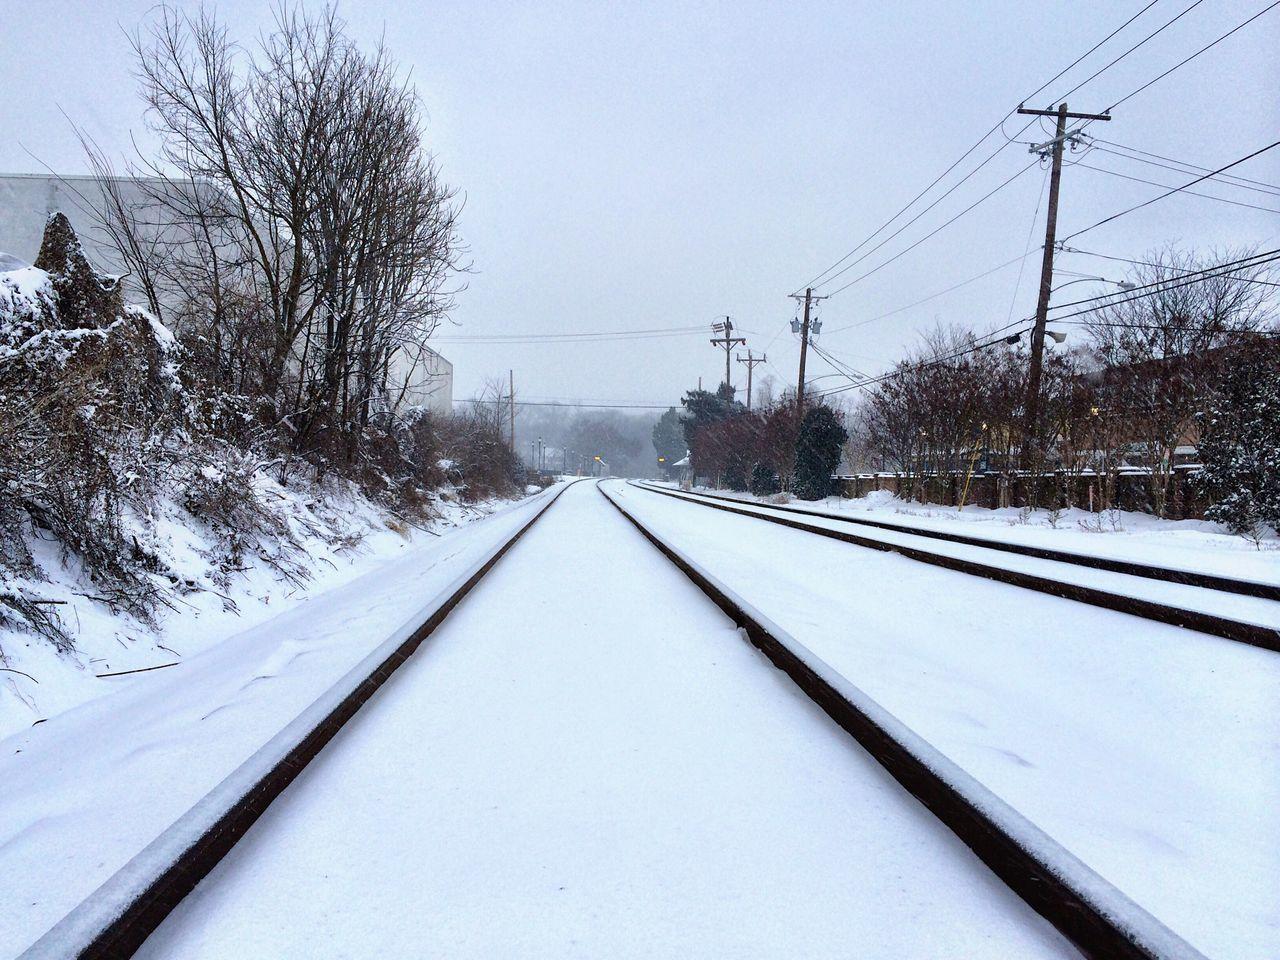 Snow Weather Railway